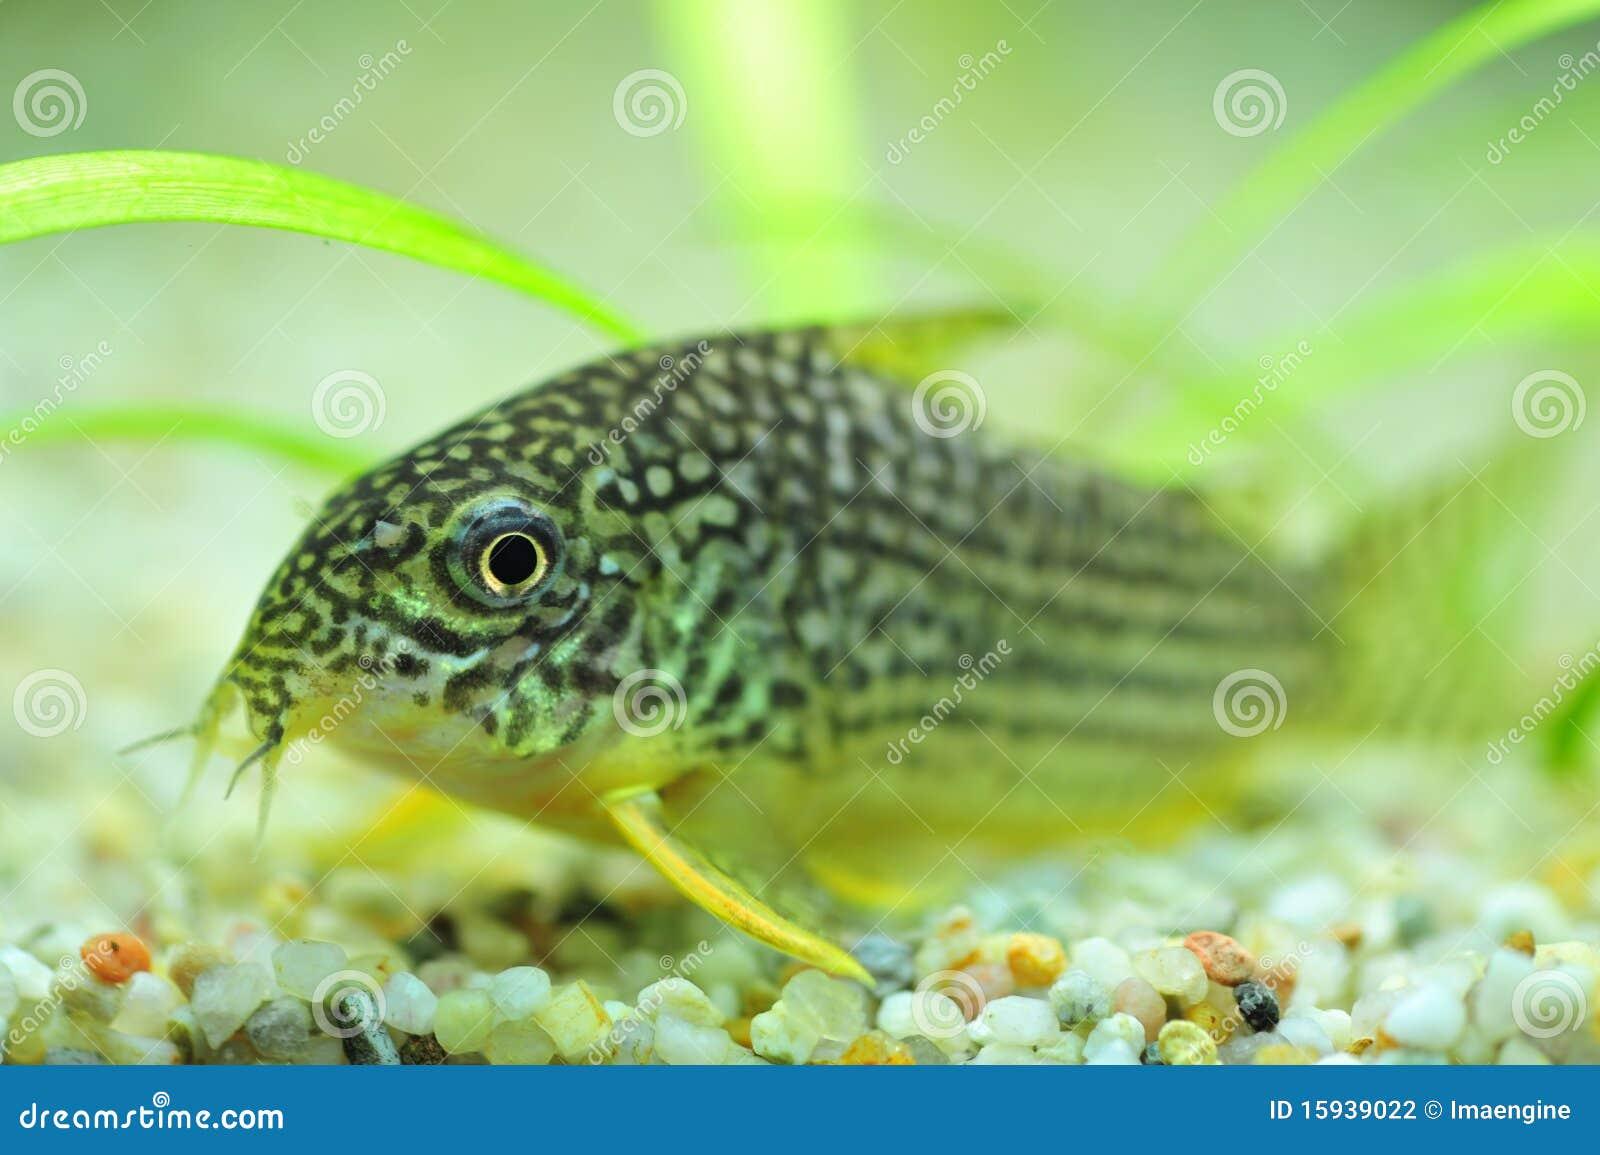 Pesce gatto macchiato per gli acquari fotografia stock for Pesce gatto acquario